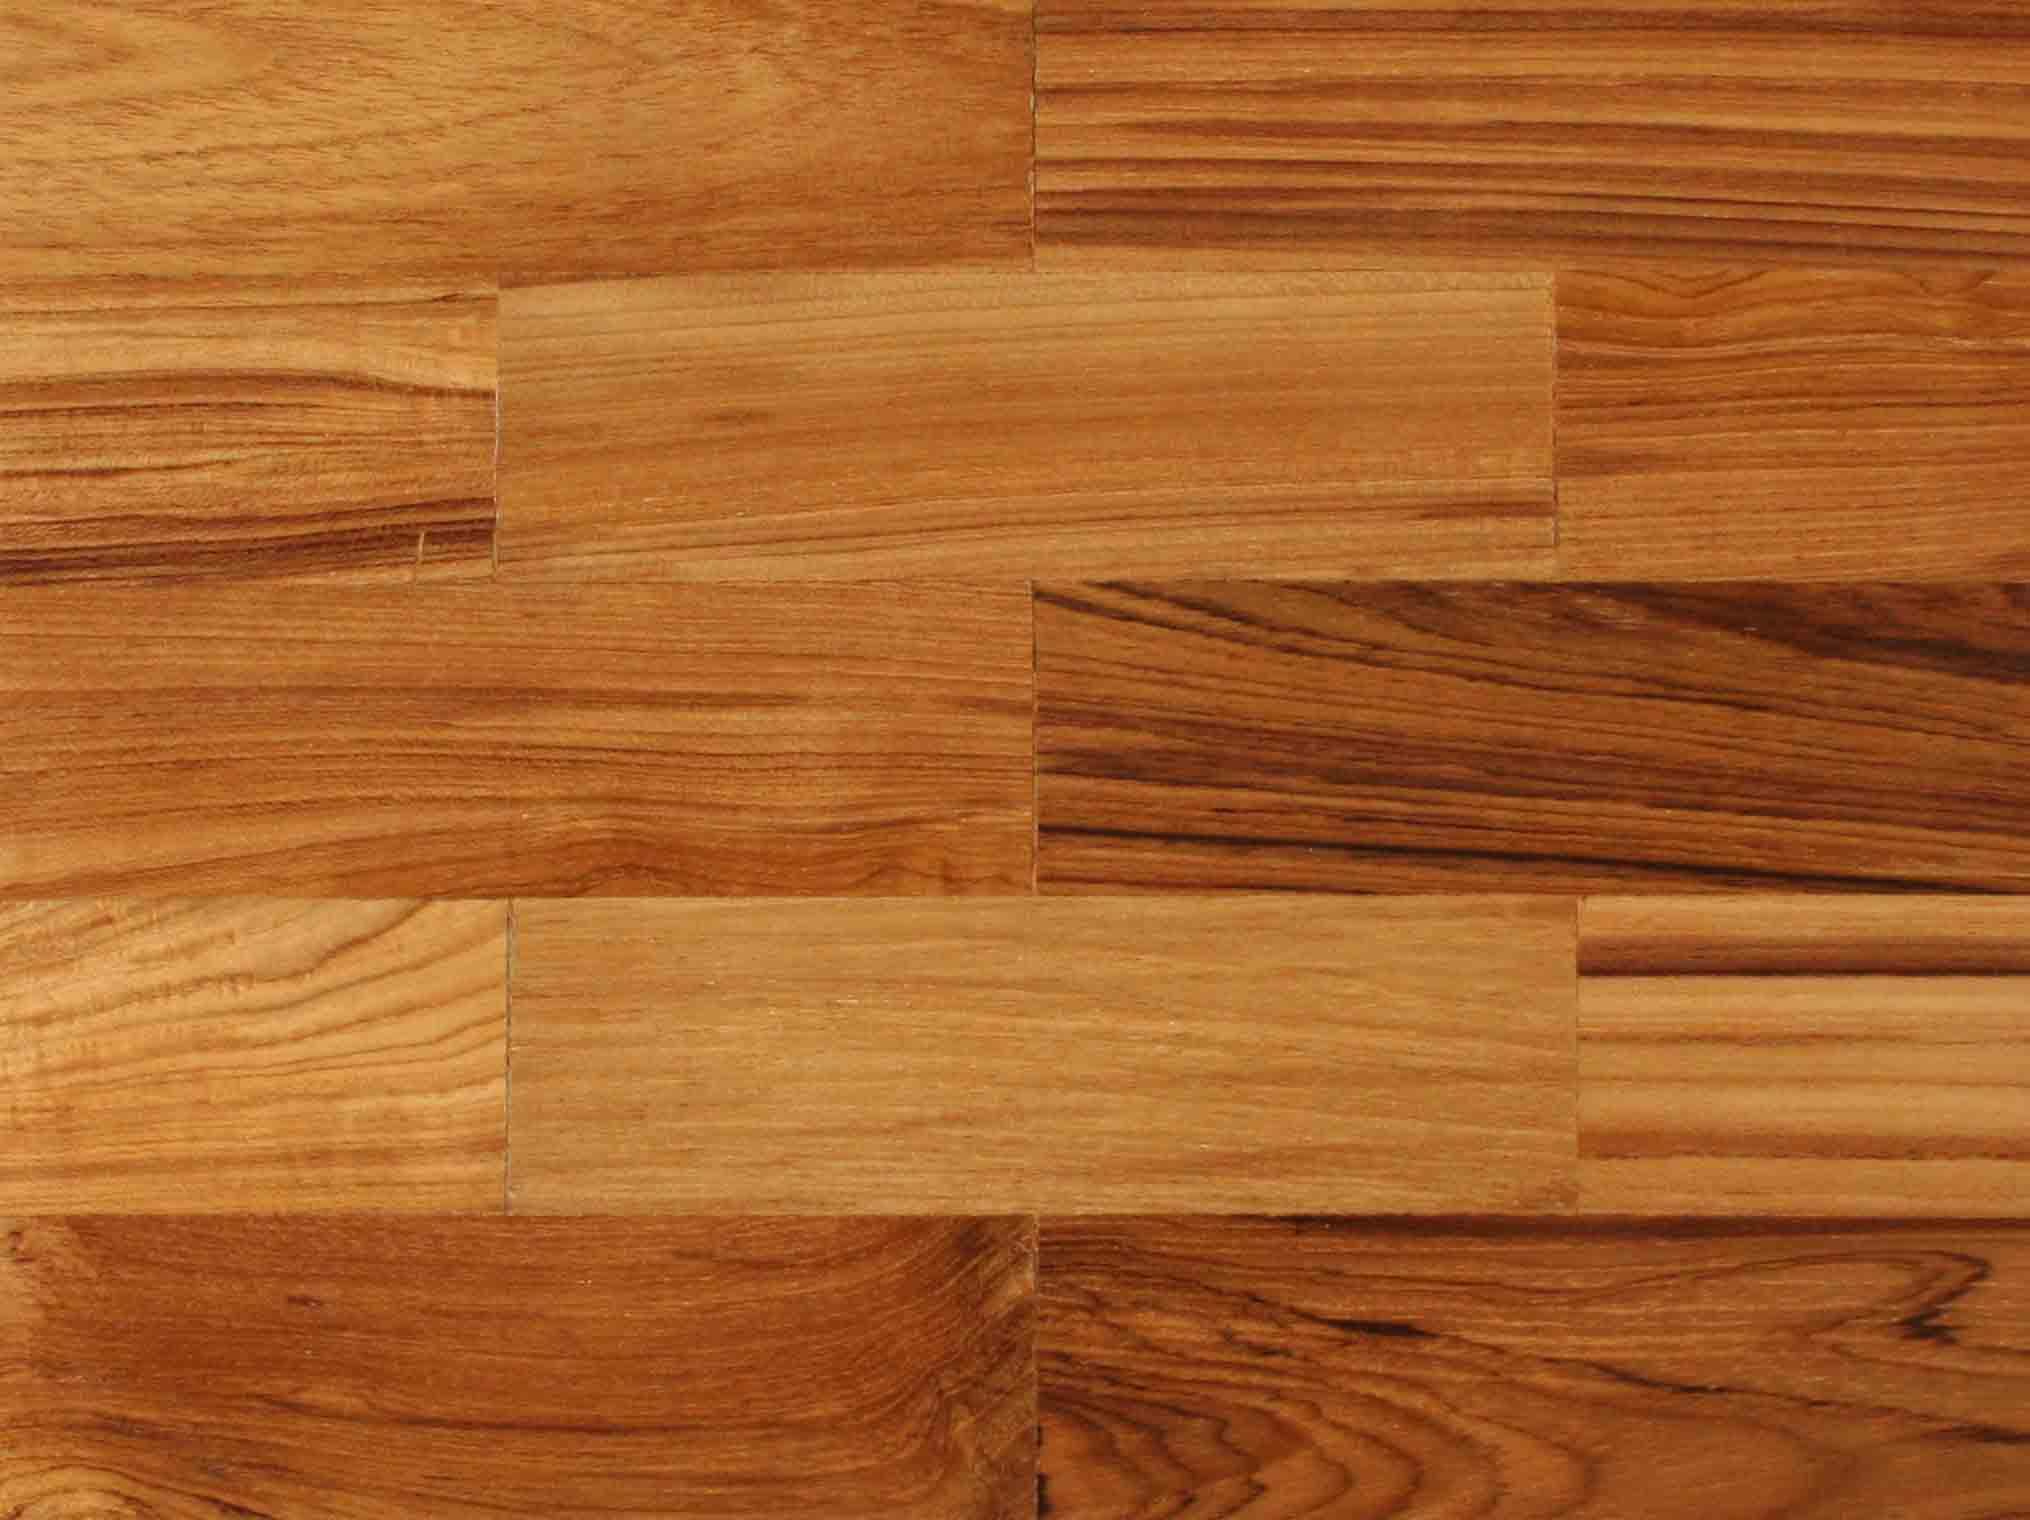 Wooden Floor clipart woden For Wooden Wallpapers > Floor